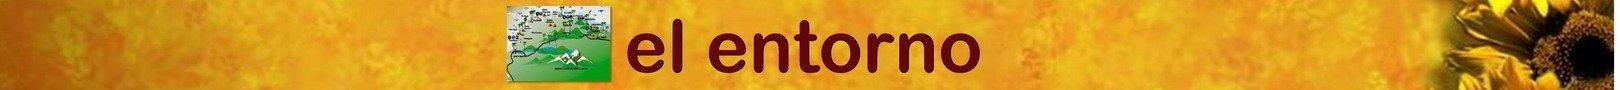 cabecera-seccion-el-entorno-con-texto-español-1620x90